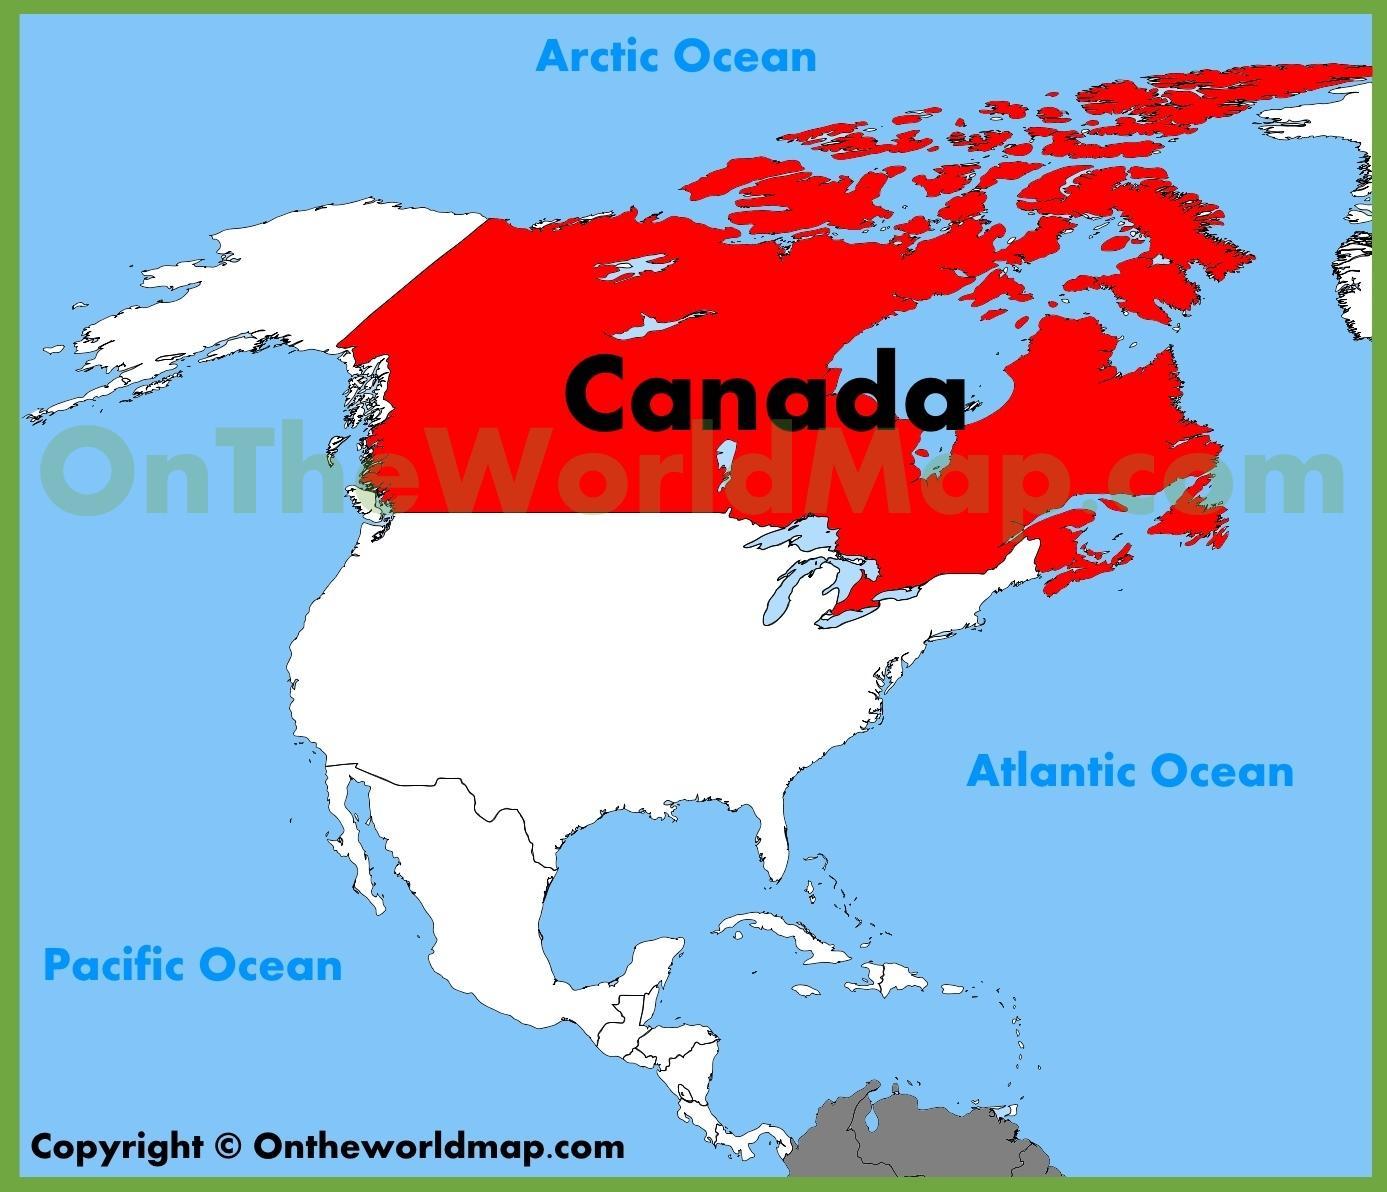 Karta Pa Kanada.Karta Over Usa Och Kanada Forenta Staterna Och Kanada Karta